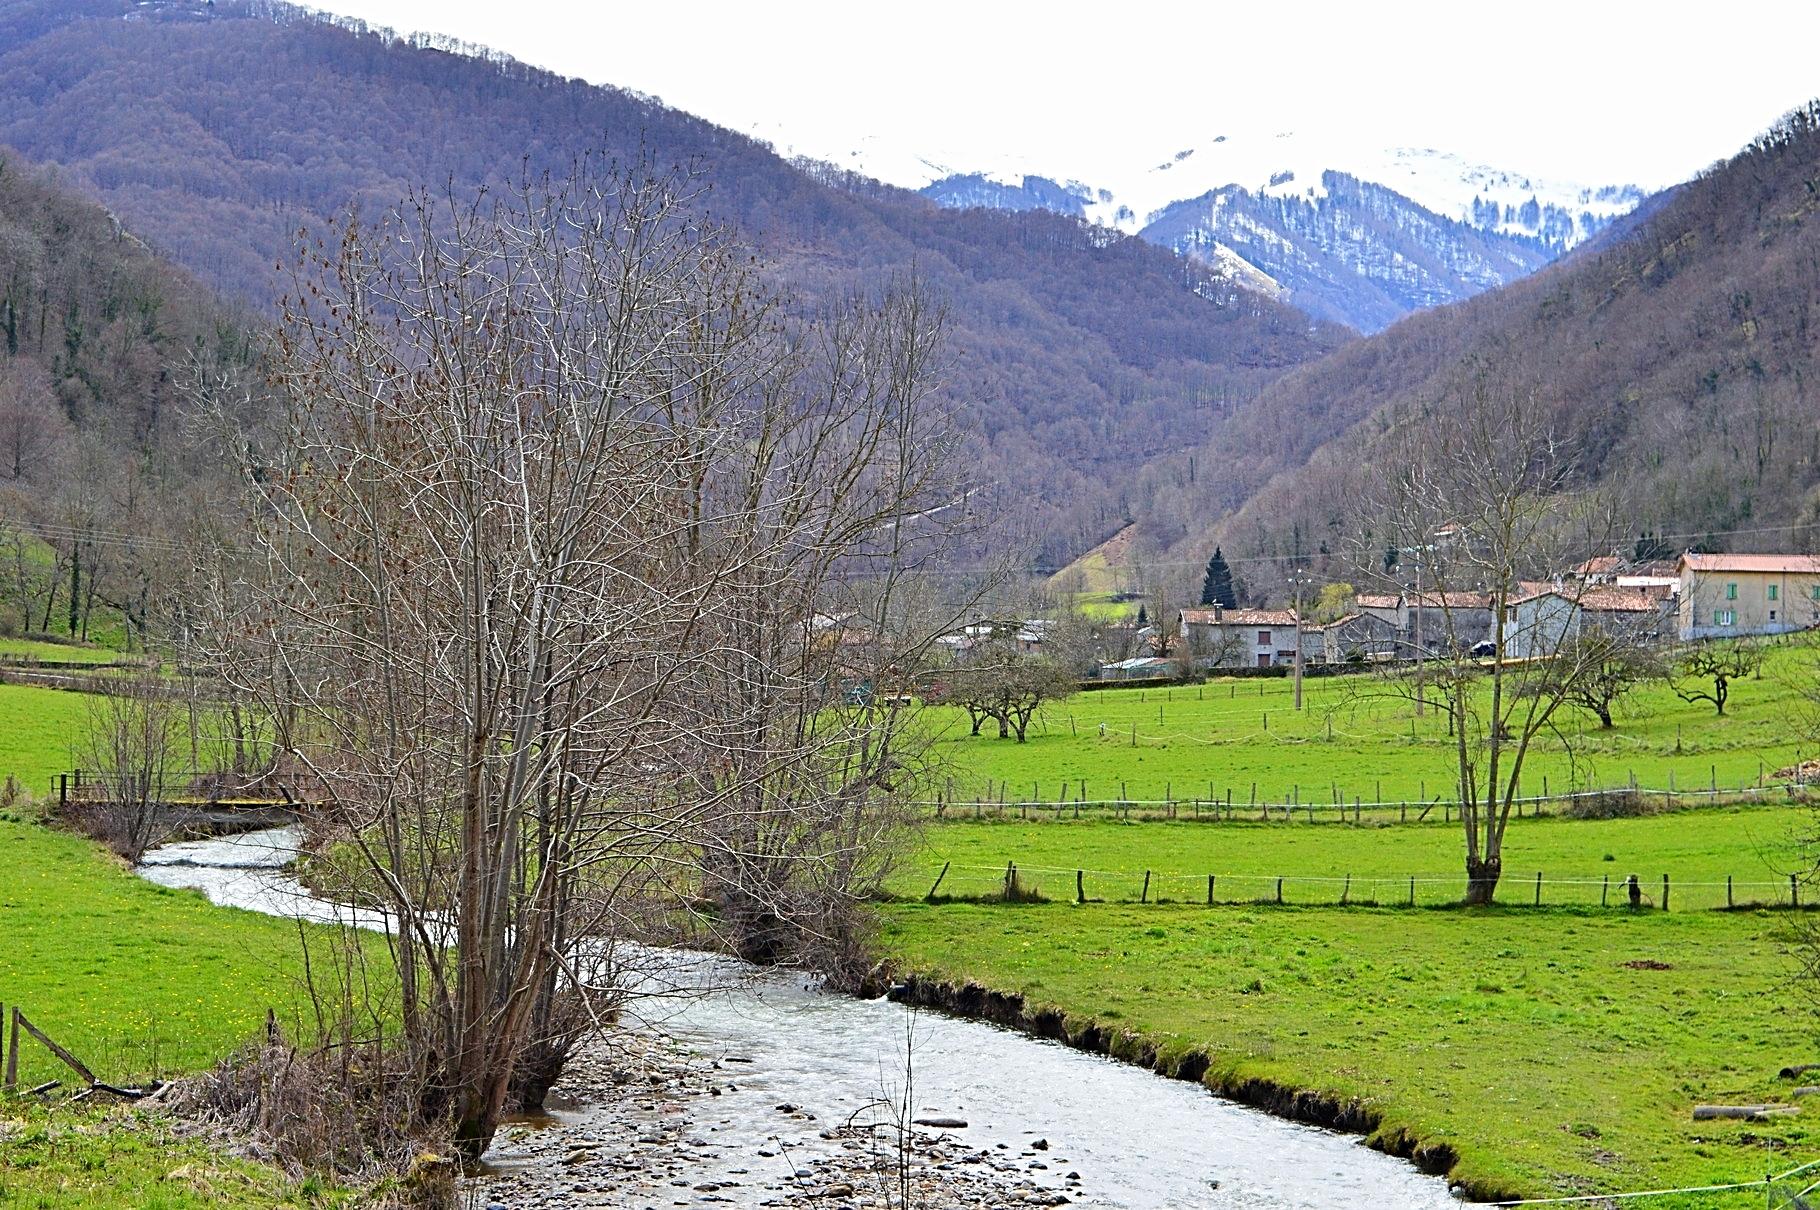 En ce début de printemps, l 'Ourse coule tranquillement à l 'entrée du village.